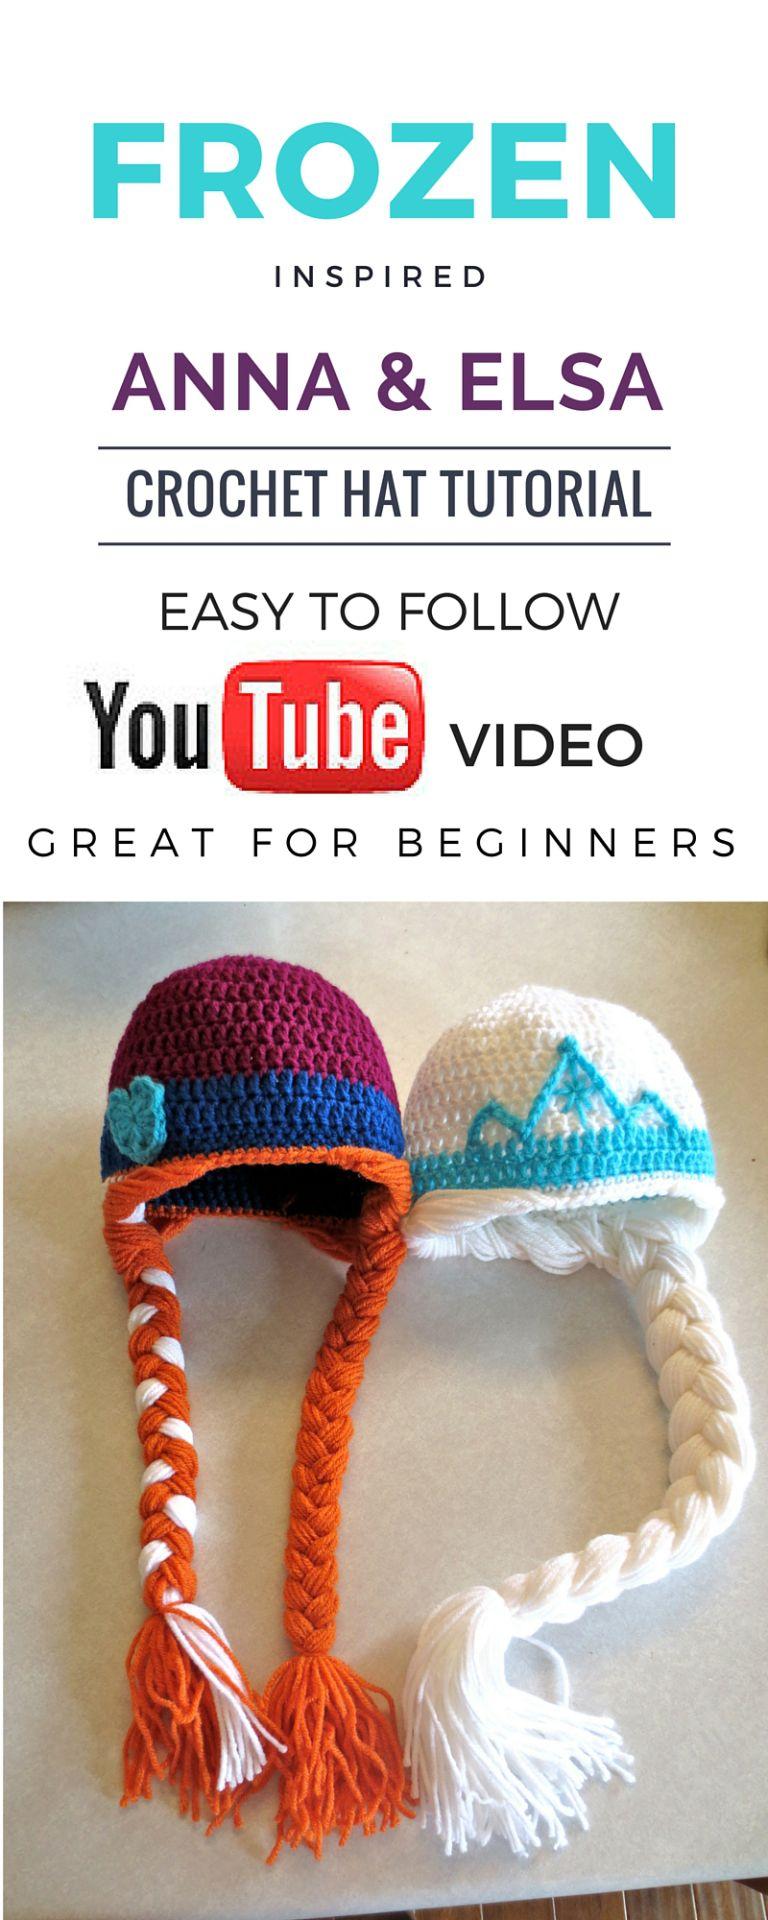 For Brylee: Easy Frozen Inspired Anna & Elsa Crochet Hat Tutorial